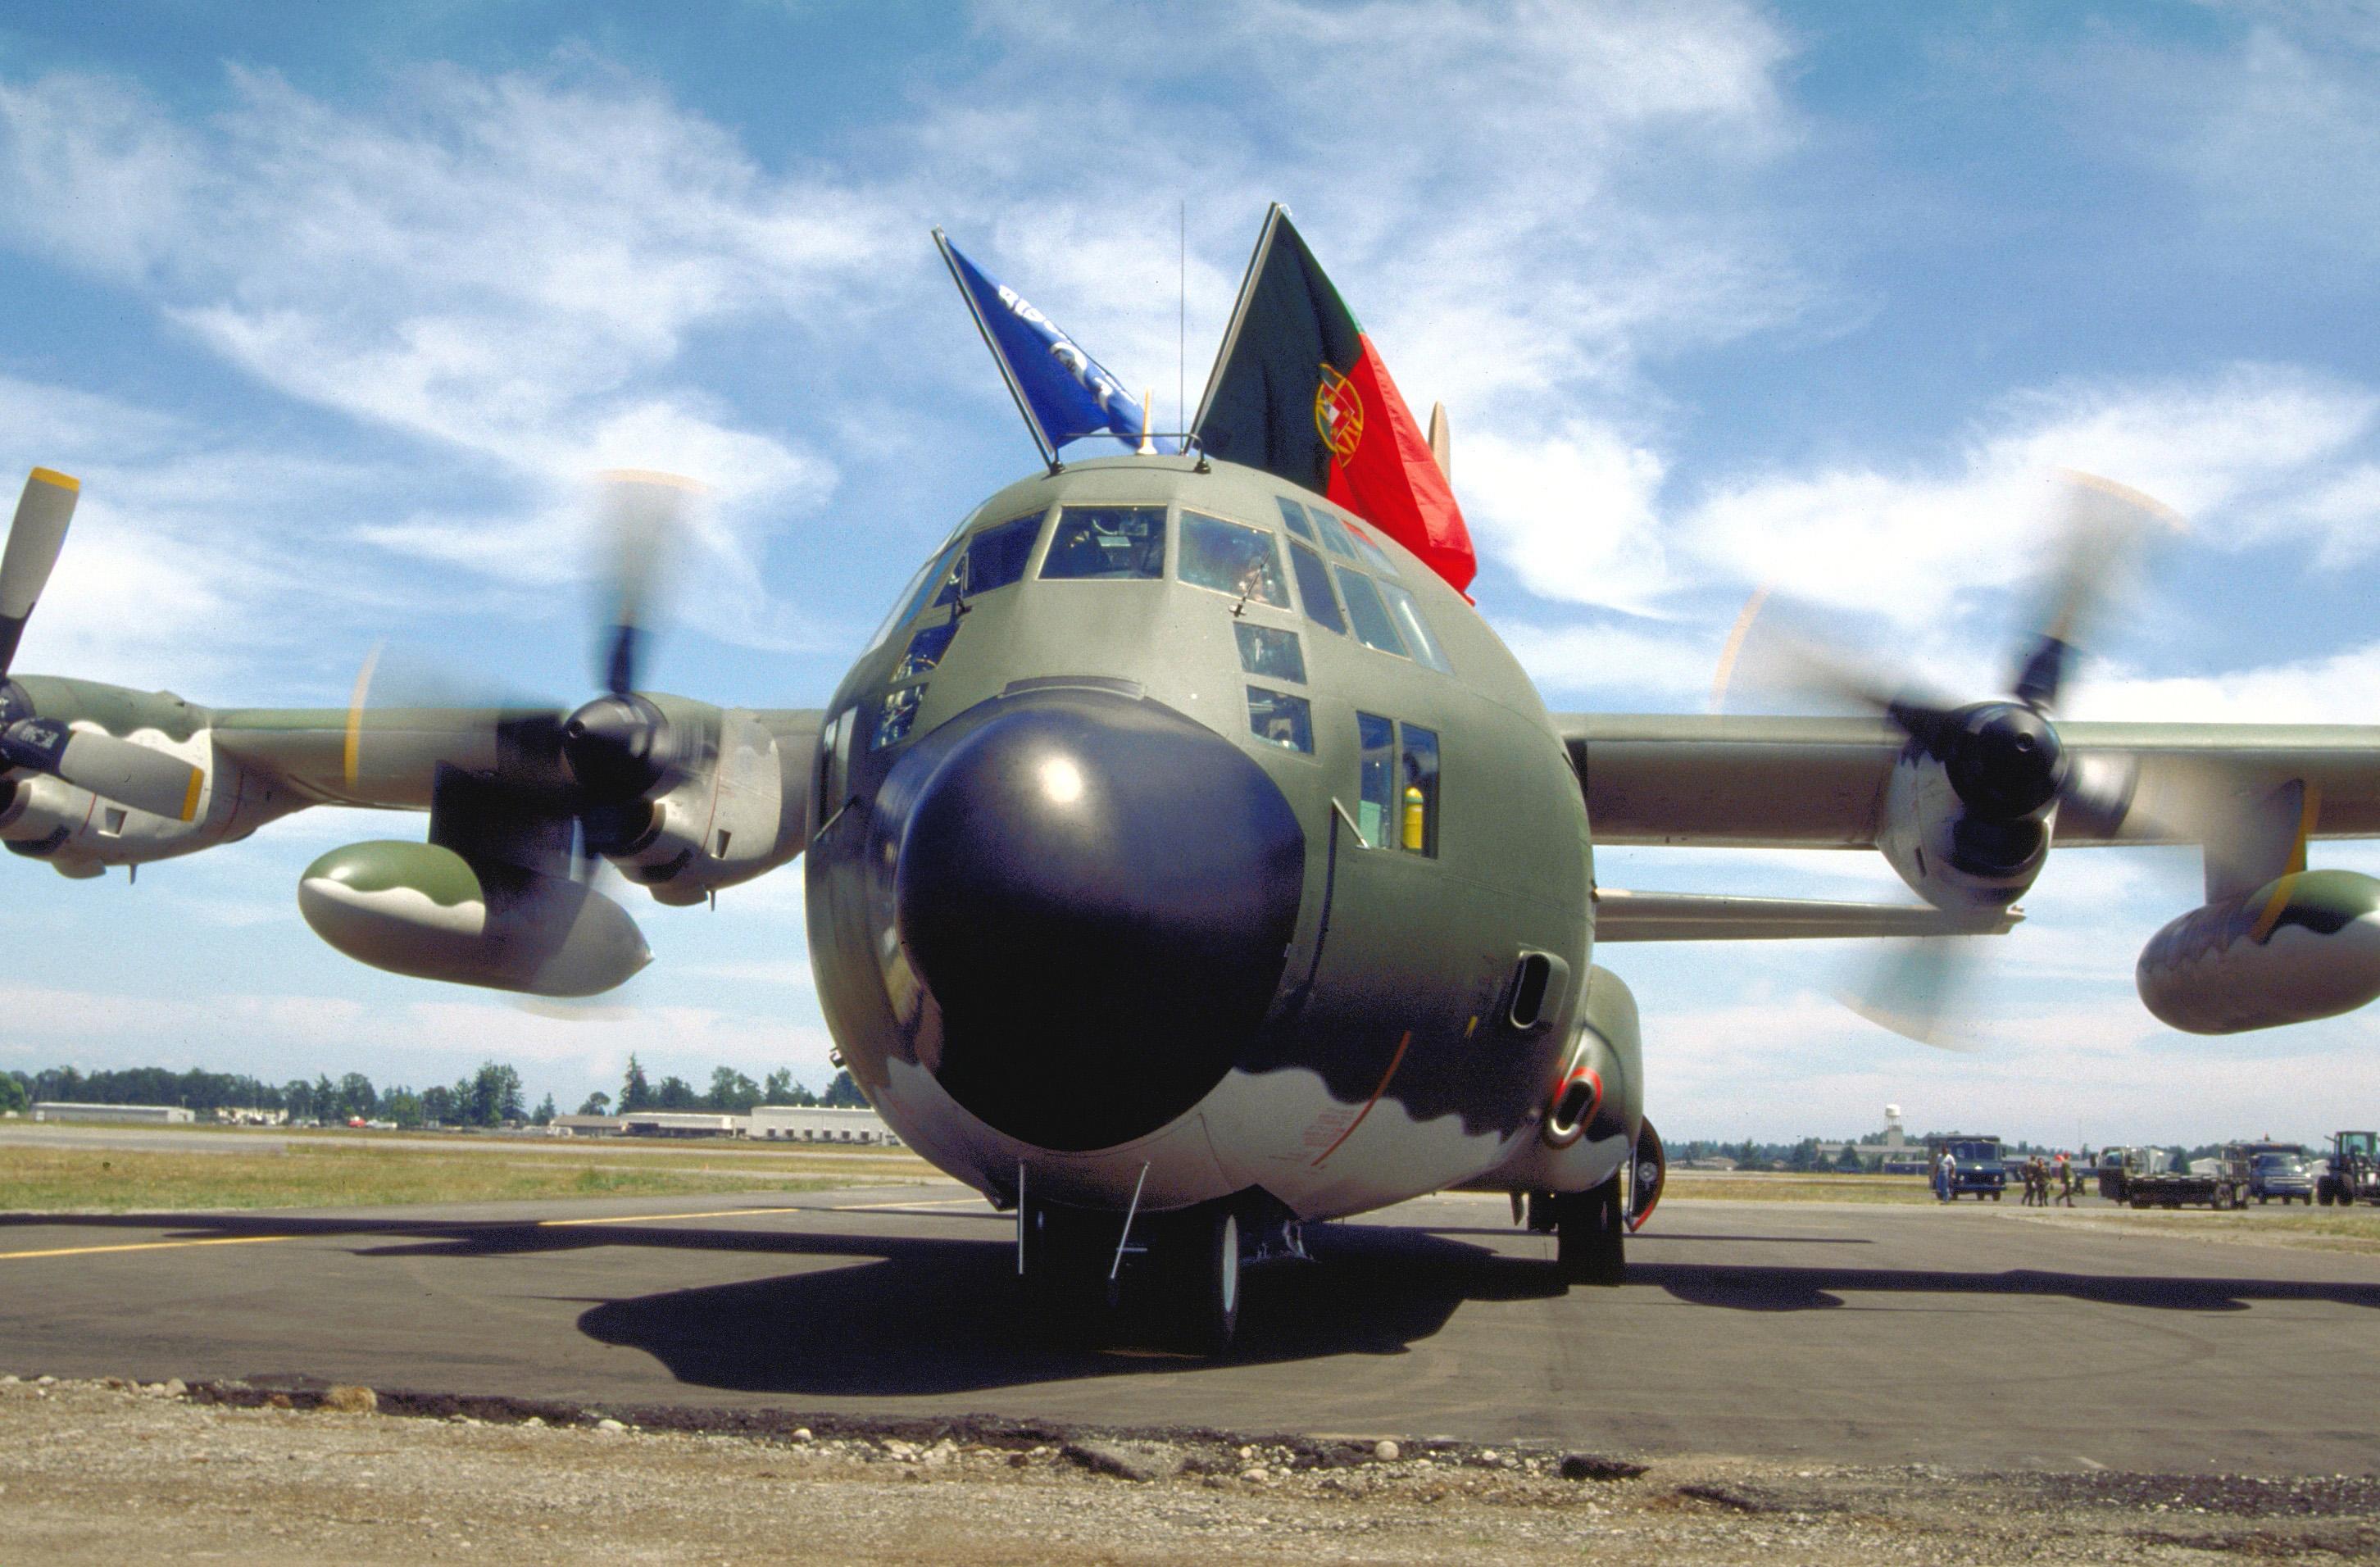 751 Squadron (Portugal)